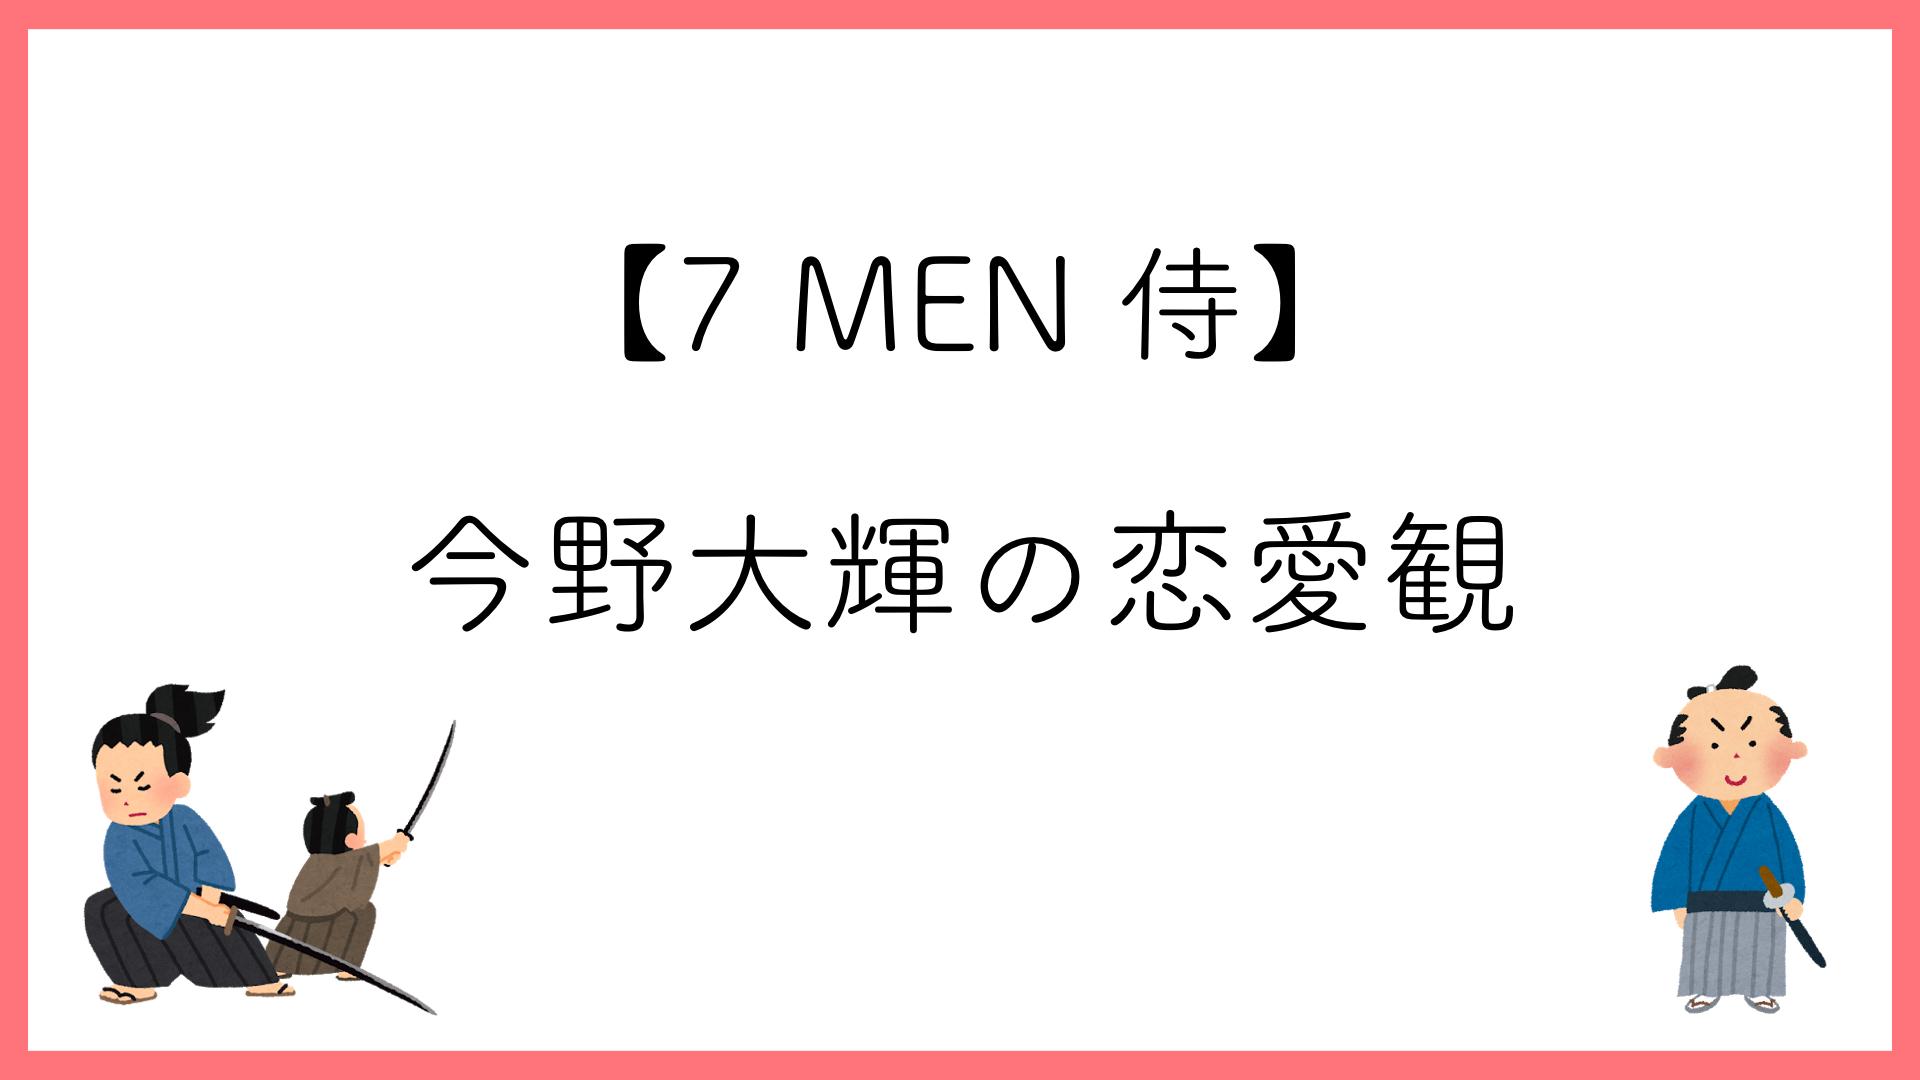 今野大輝(7 MEN 侍)の恋愛観【好きなタイプ】【好きな髪型】